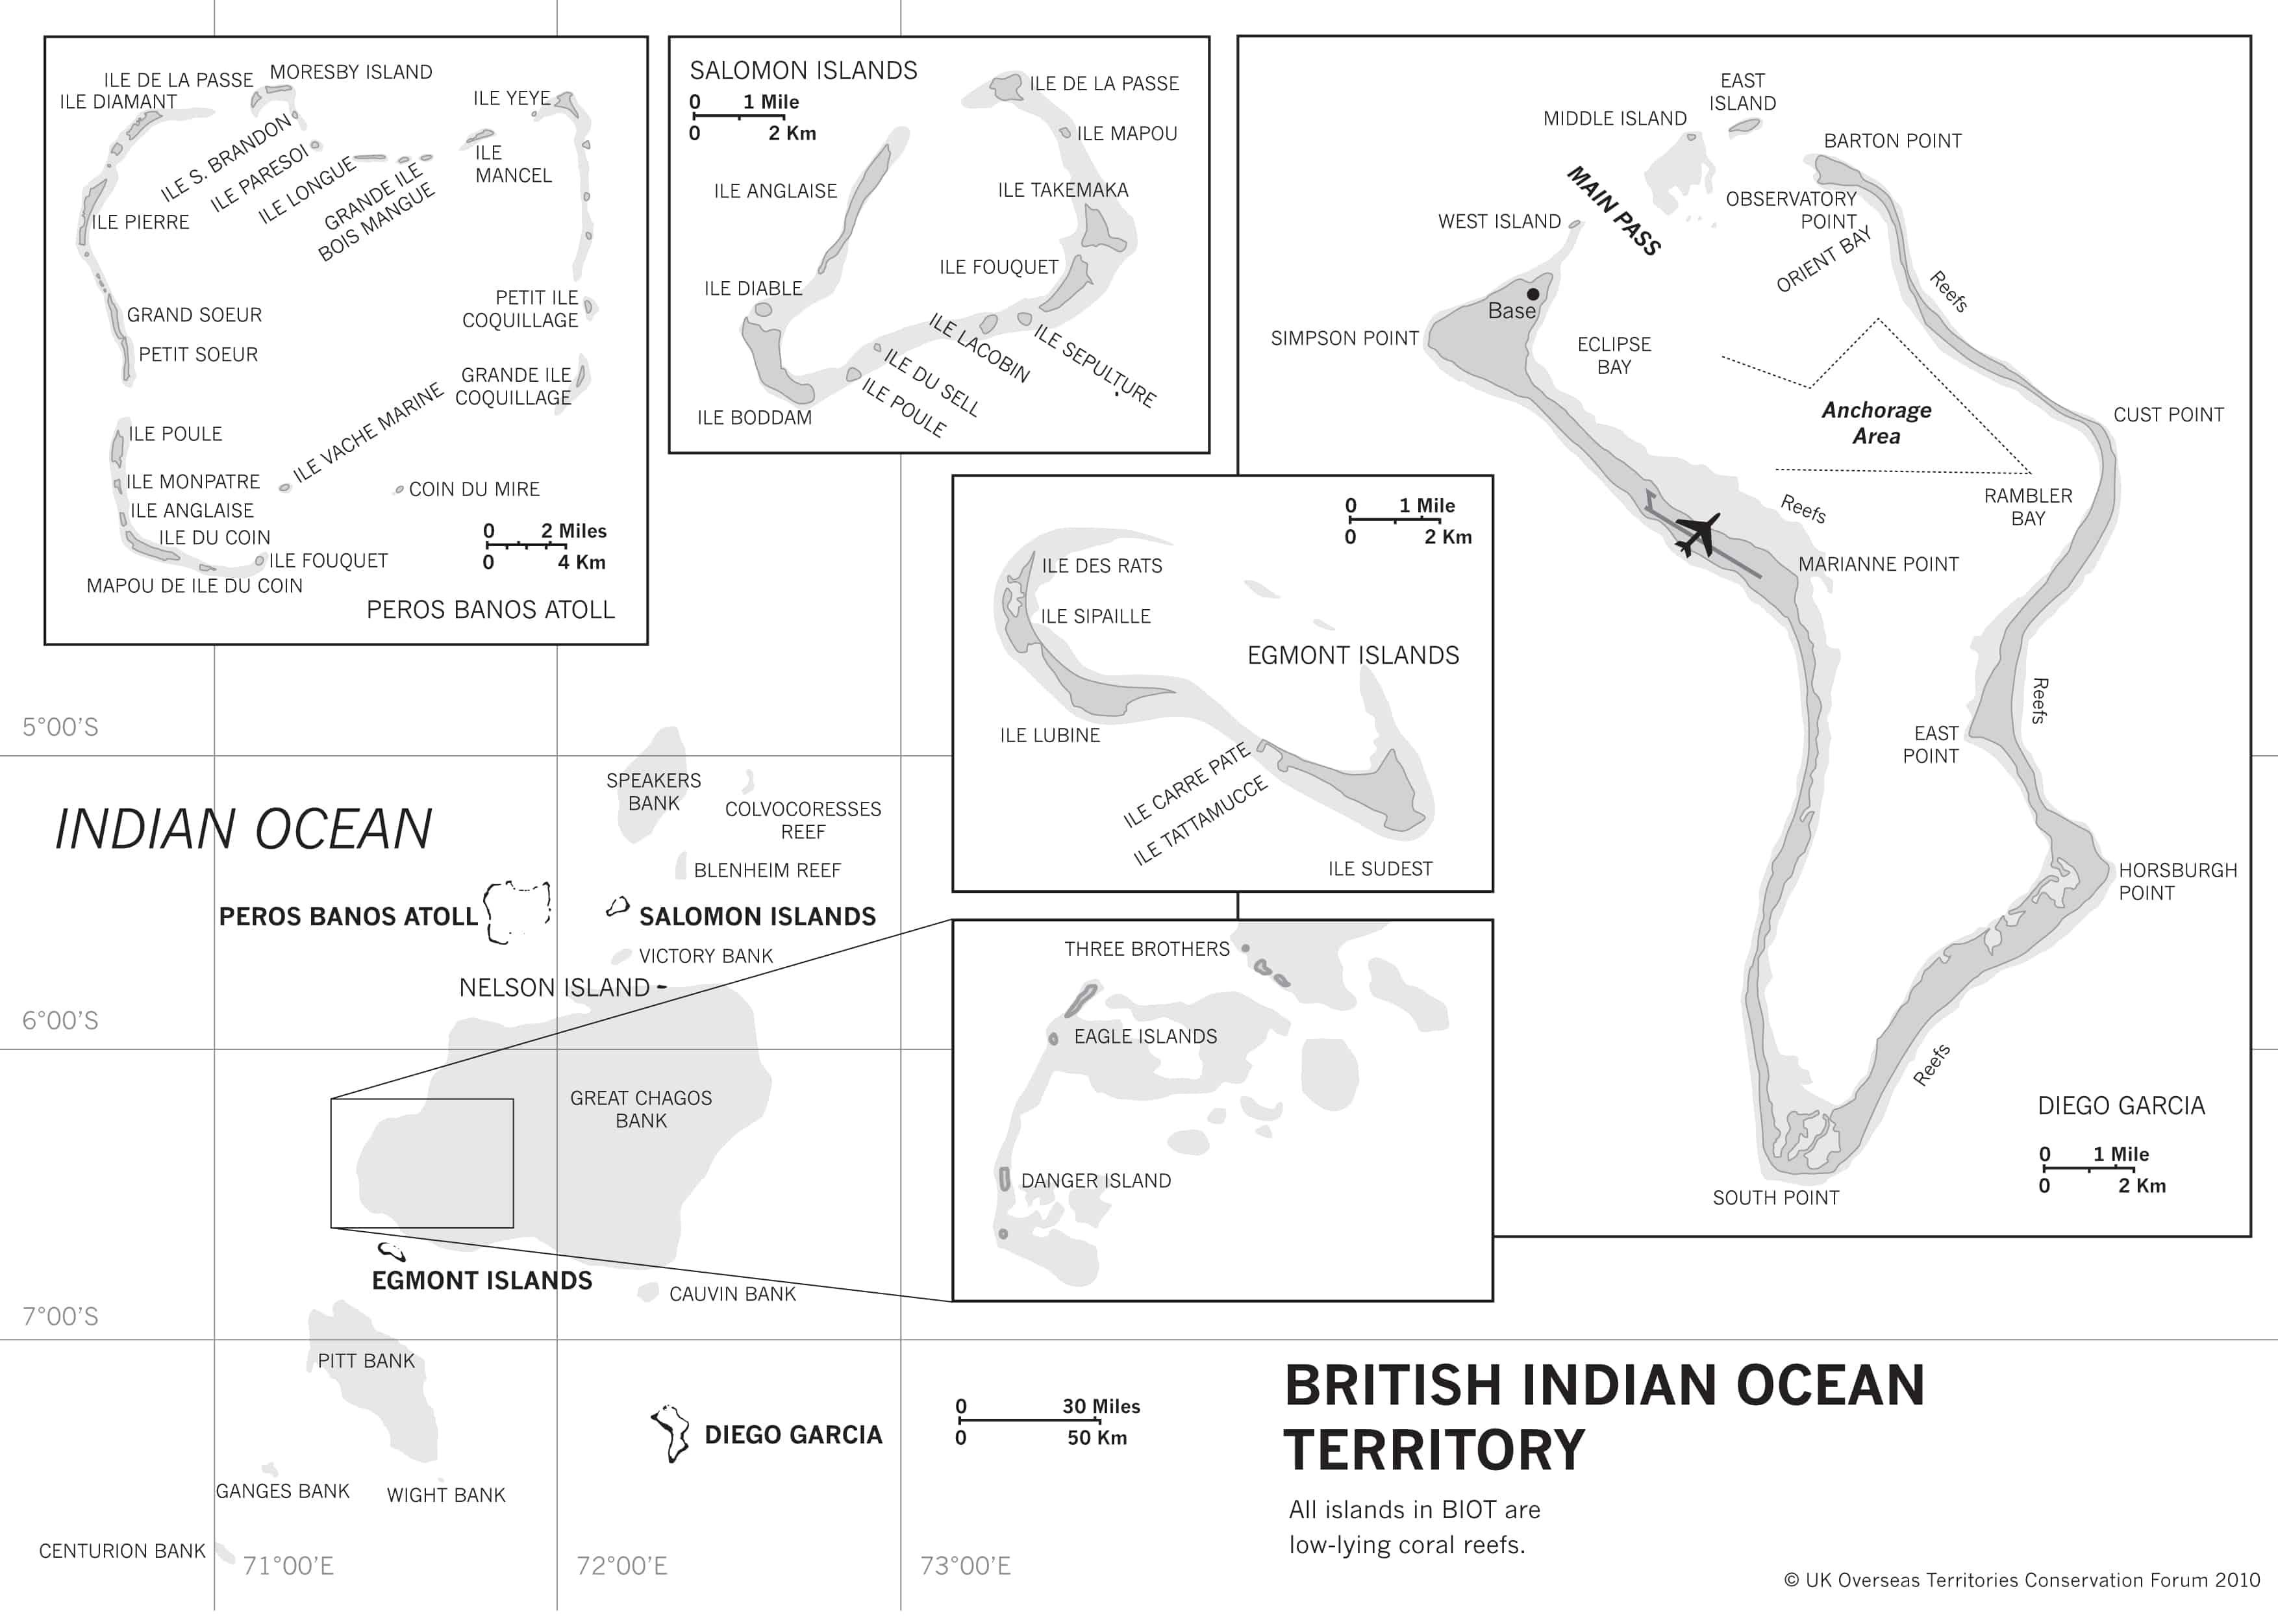 Map of British Indian Ocean Territory